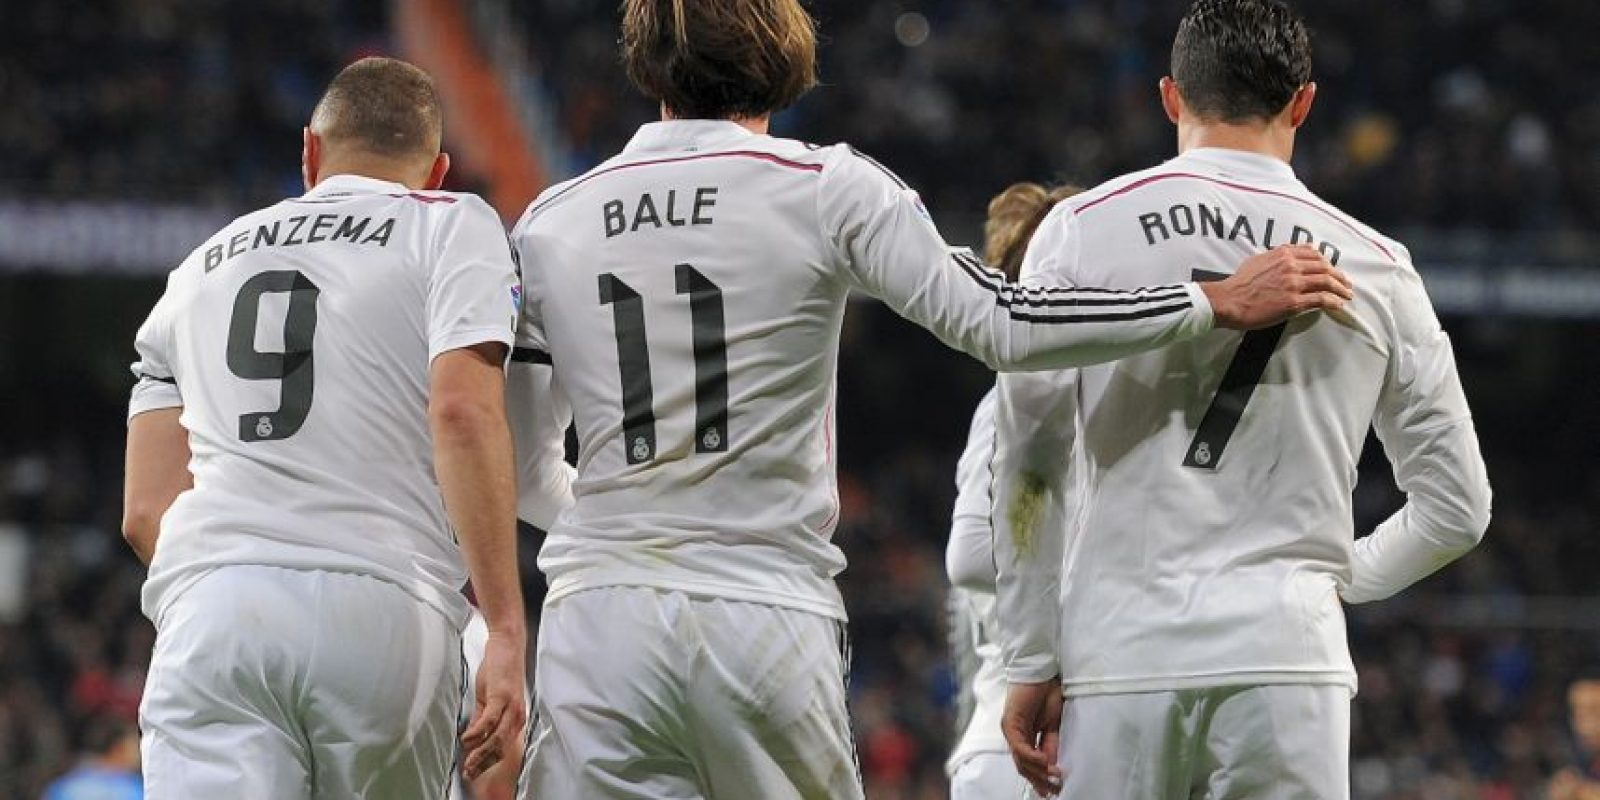 De esos, 50 son de Cristiano Ronaldo, 22 de Karim Benzema y 17 de Gareth Bale. Foto:Getty Images